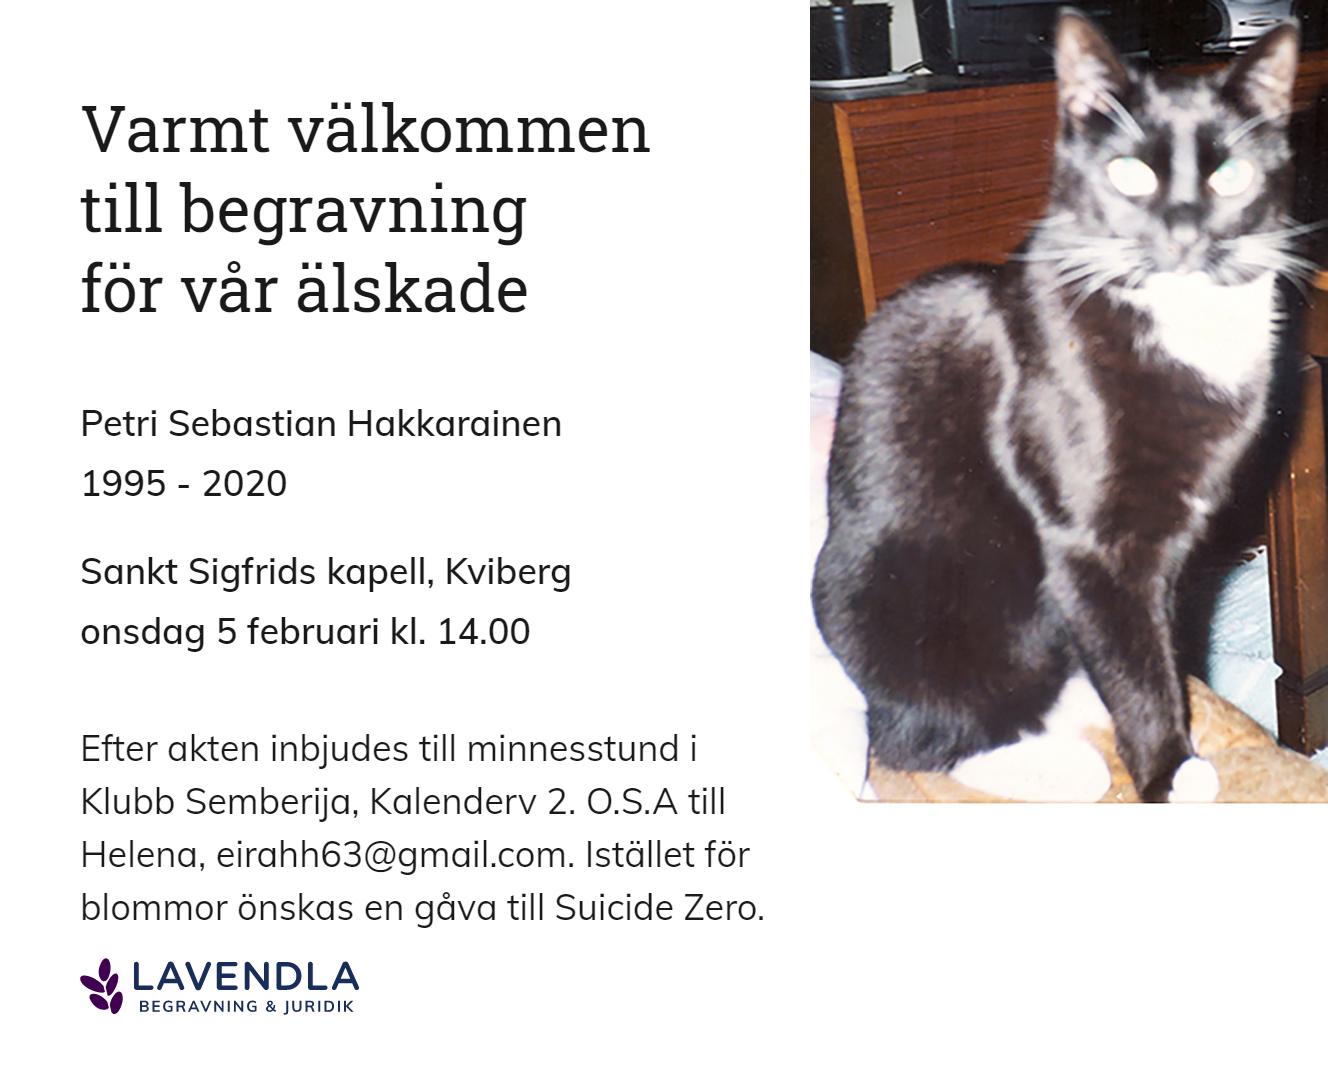 Inbjudningskort till ceremonin för Petri Sebastian Hakkarainen